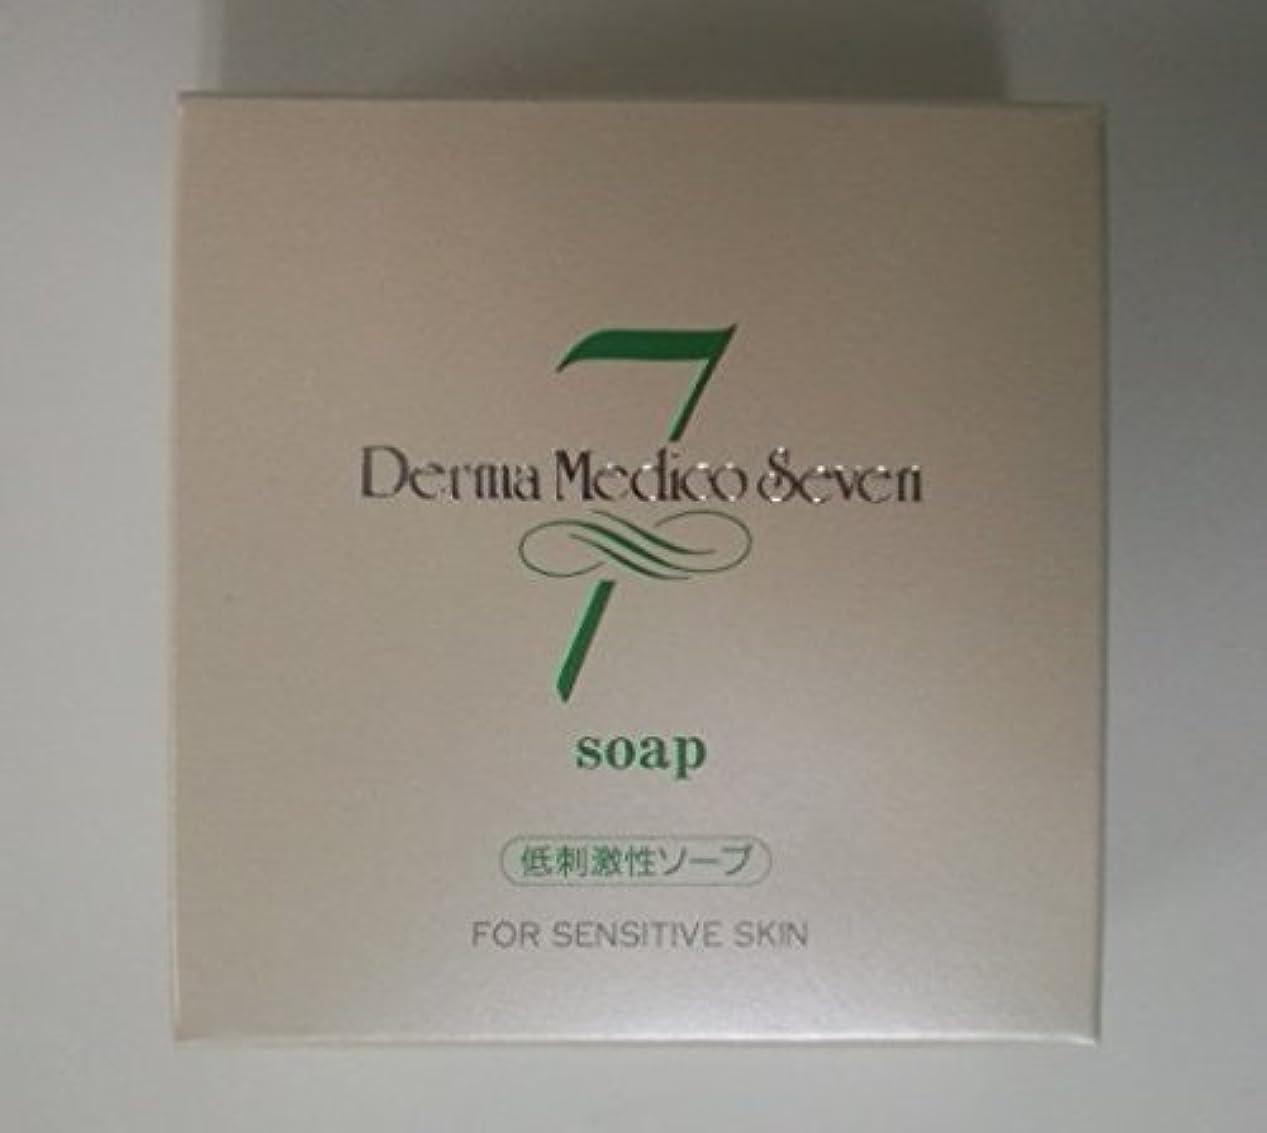 委任モッキンバード興奮ダーマメディコセブン ソープ